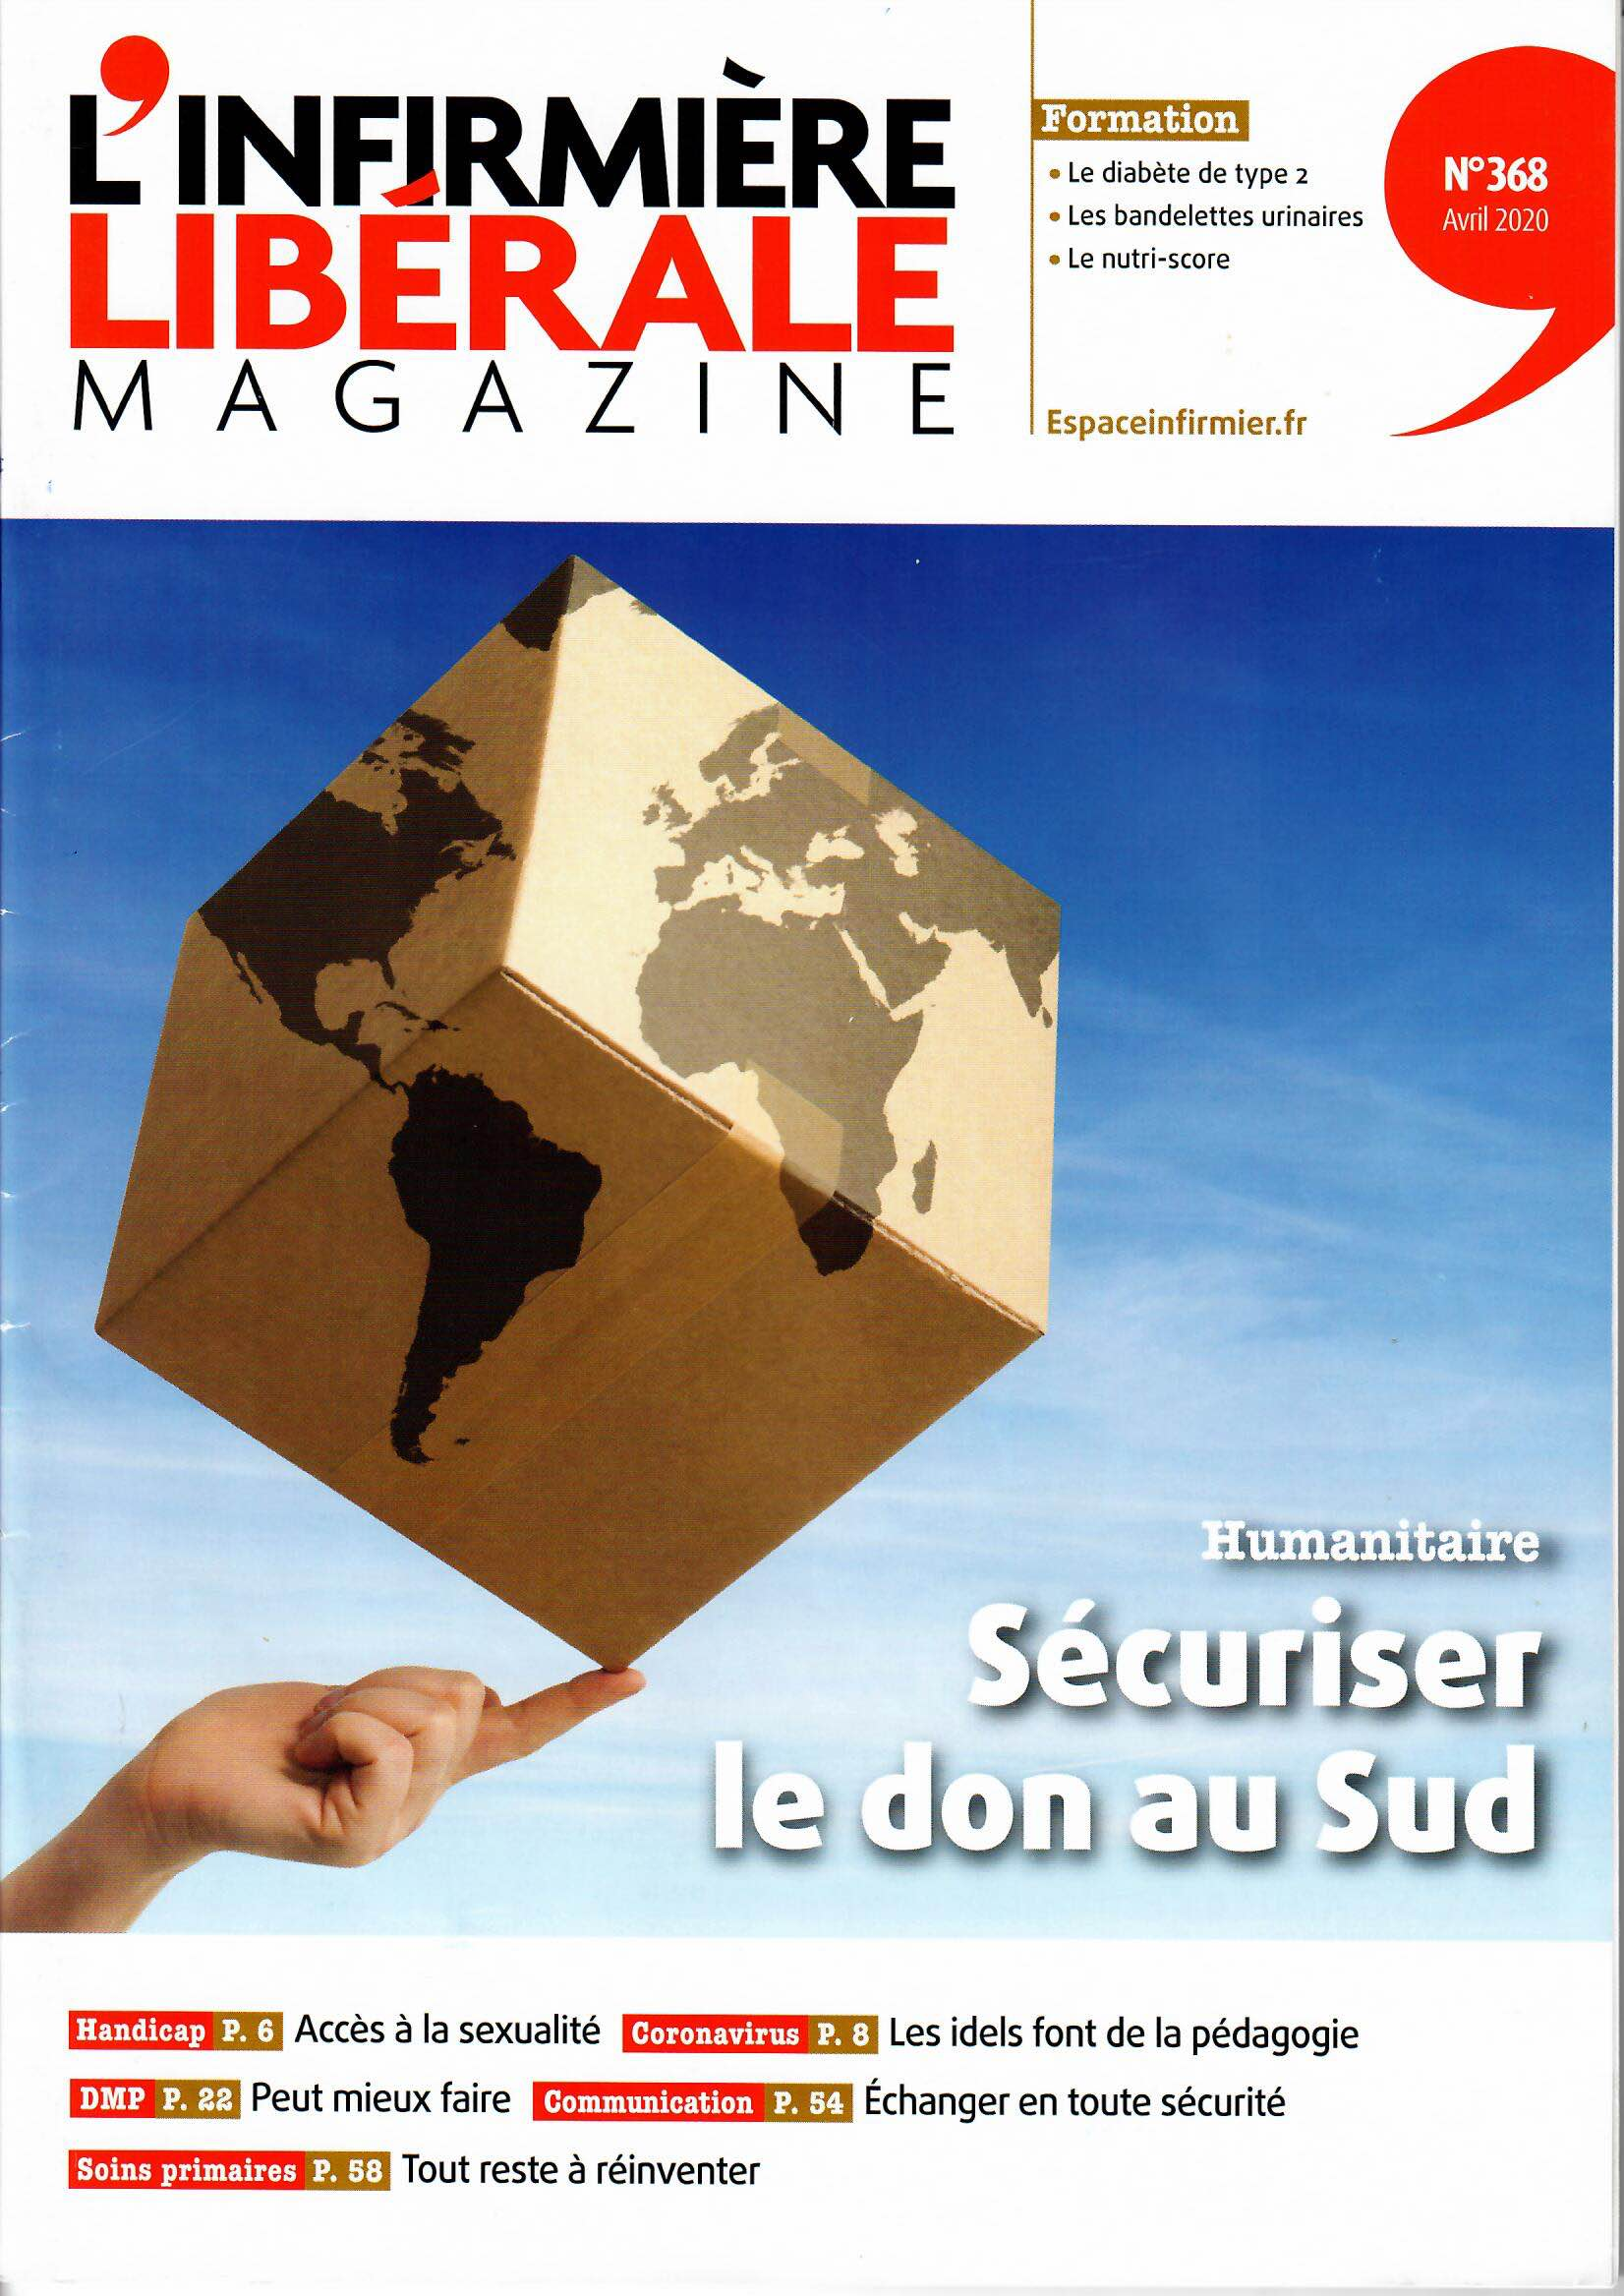 L'infirmière libérale magazine n°368